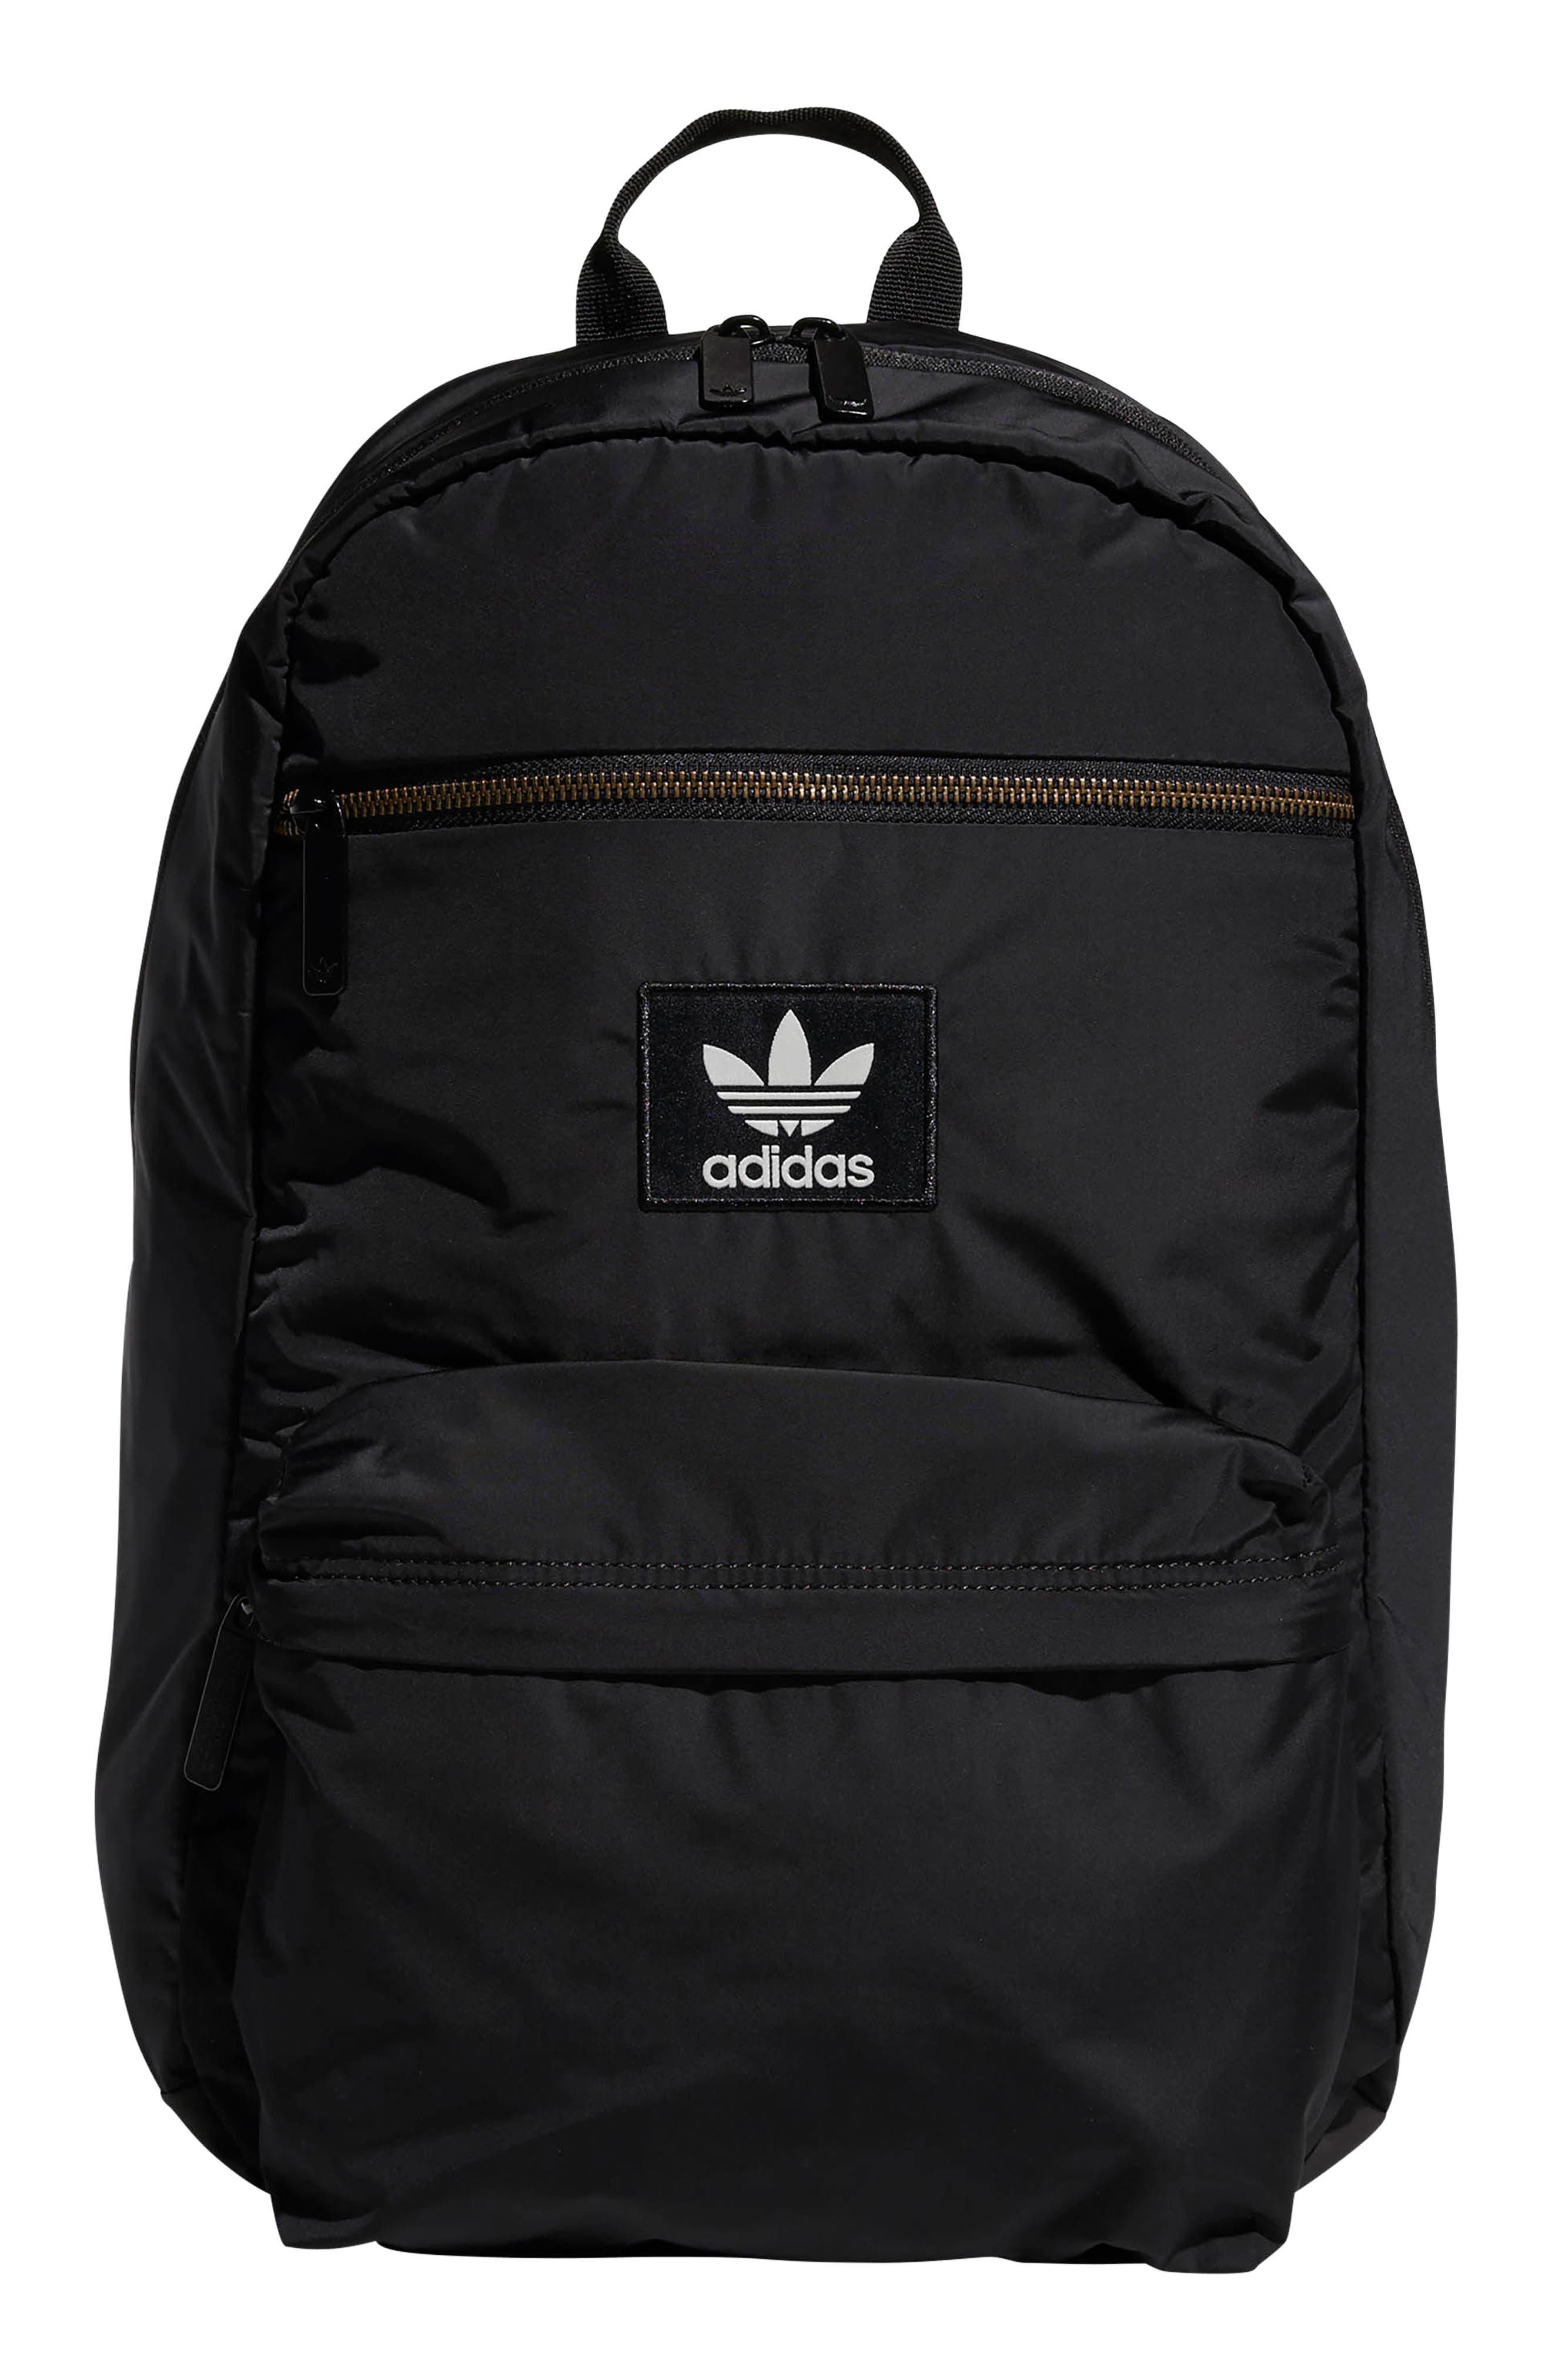 9333f20bbb Adidas Originals Handbags & Wallets for Women | Nordstrom